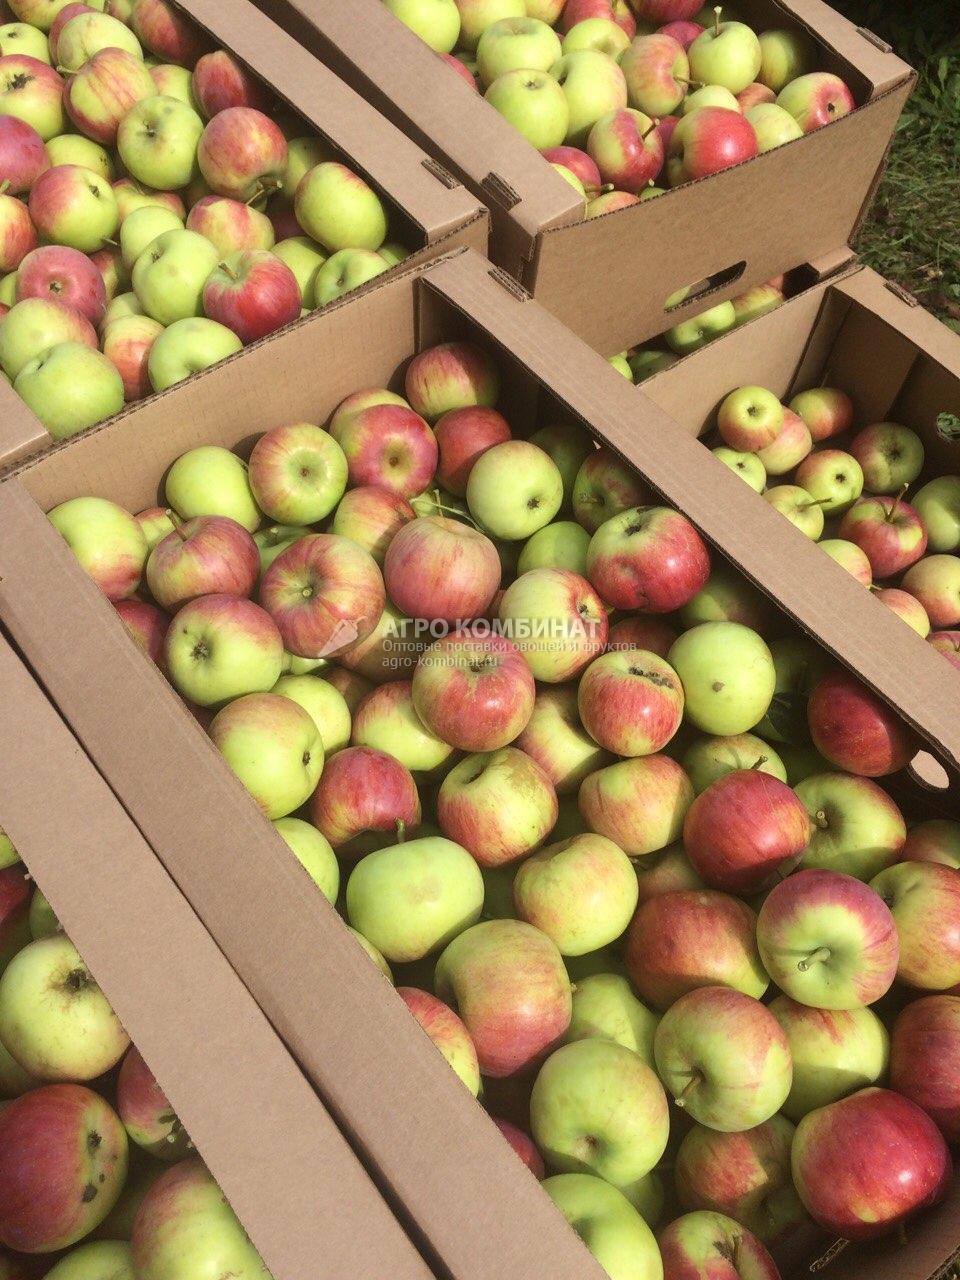 Яблоки, урожай сентябрь 2016 (Новосибирск)